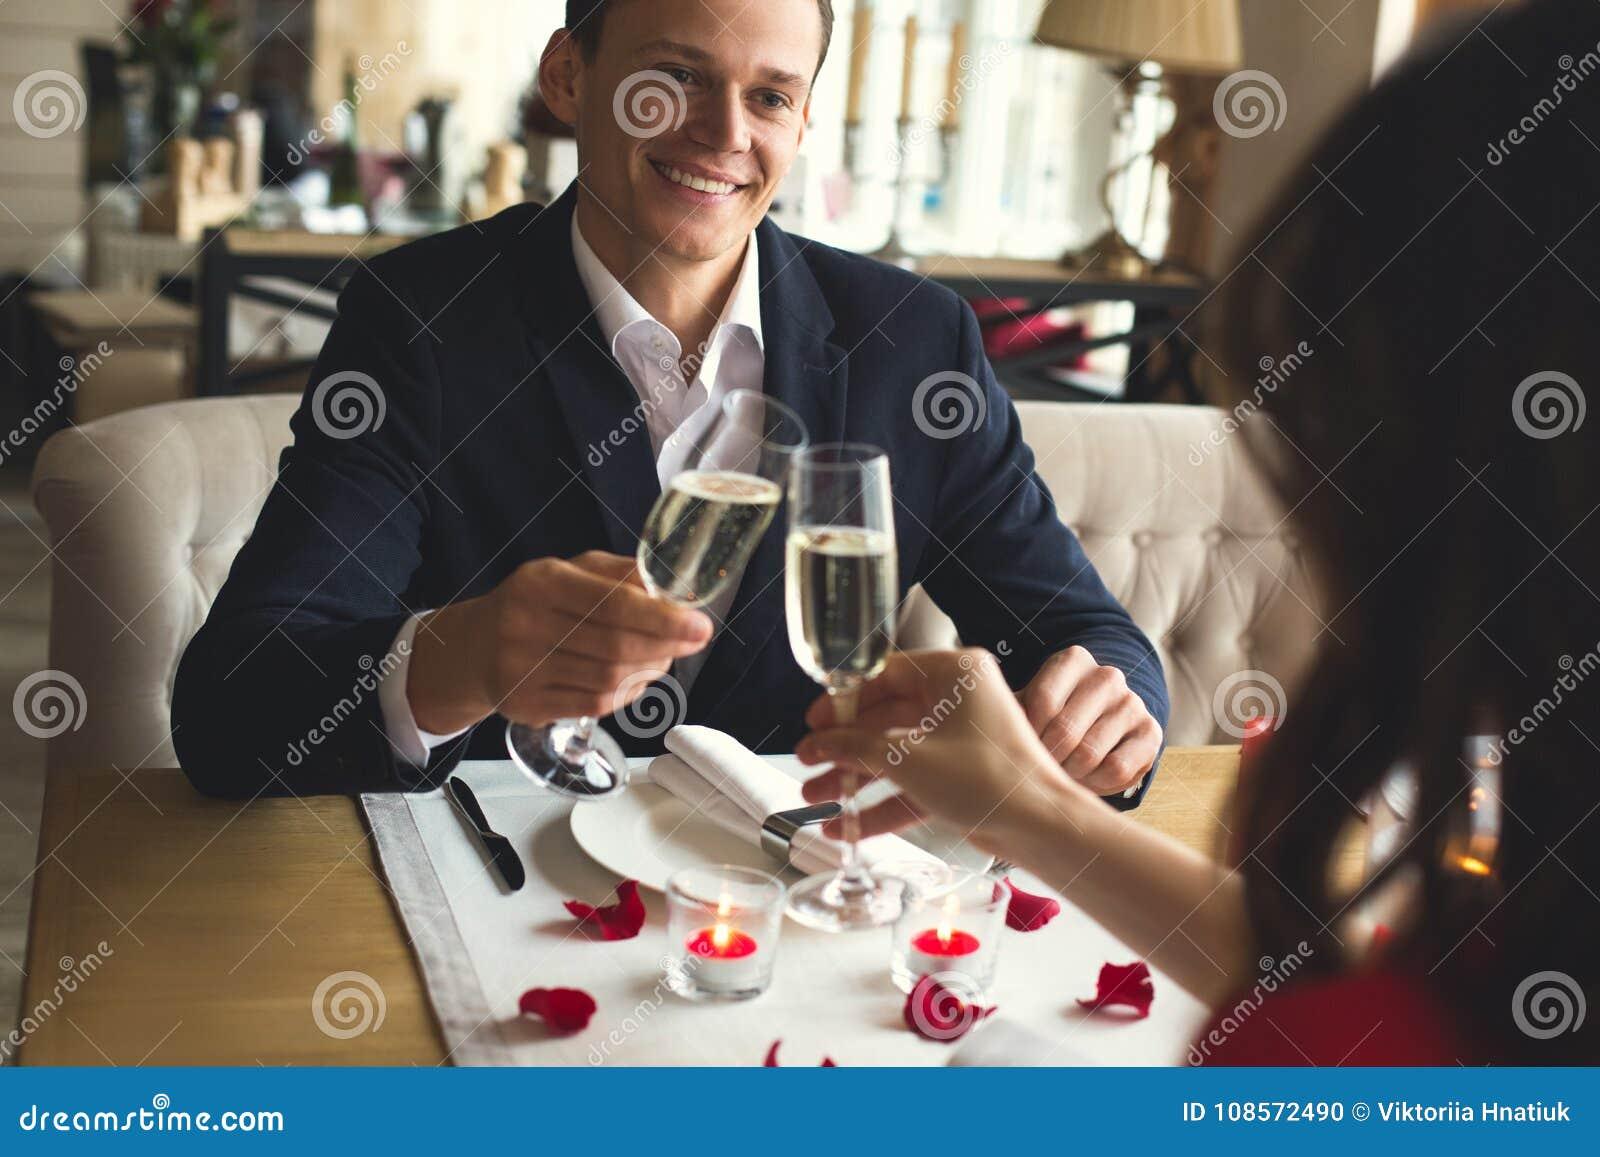 Νέο ζεύγος που έχει το ρομαντικό γεύμα στο φίλτρο ευθυμιών σαμπάνιας κατανάλωσης εστιατορίων